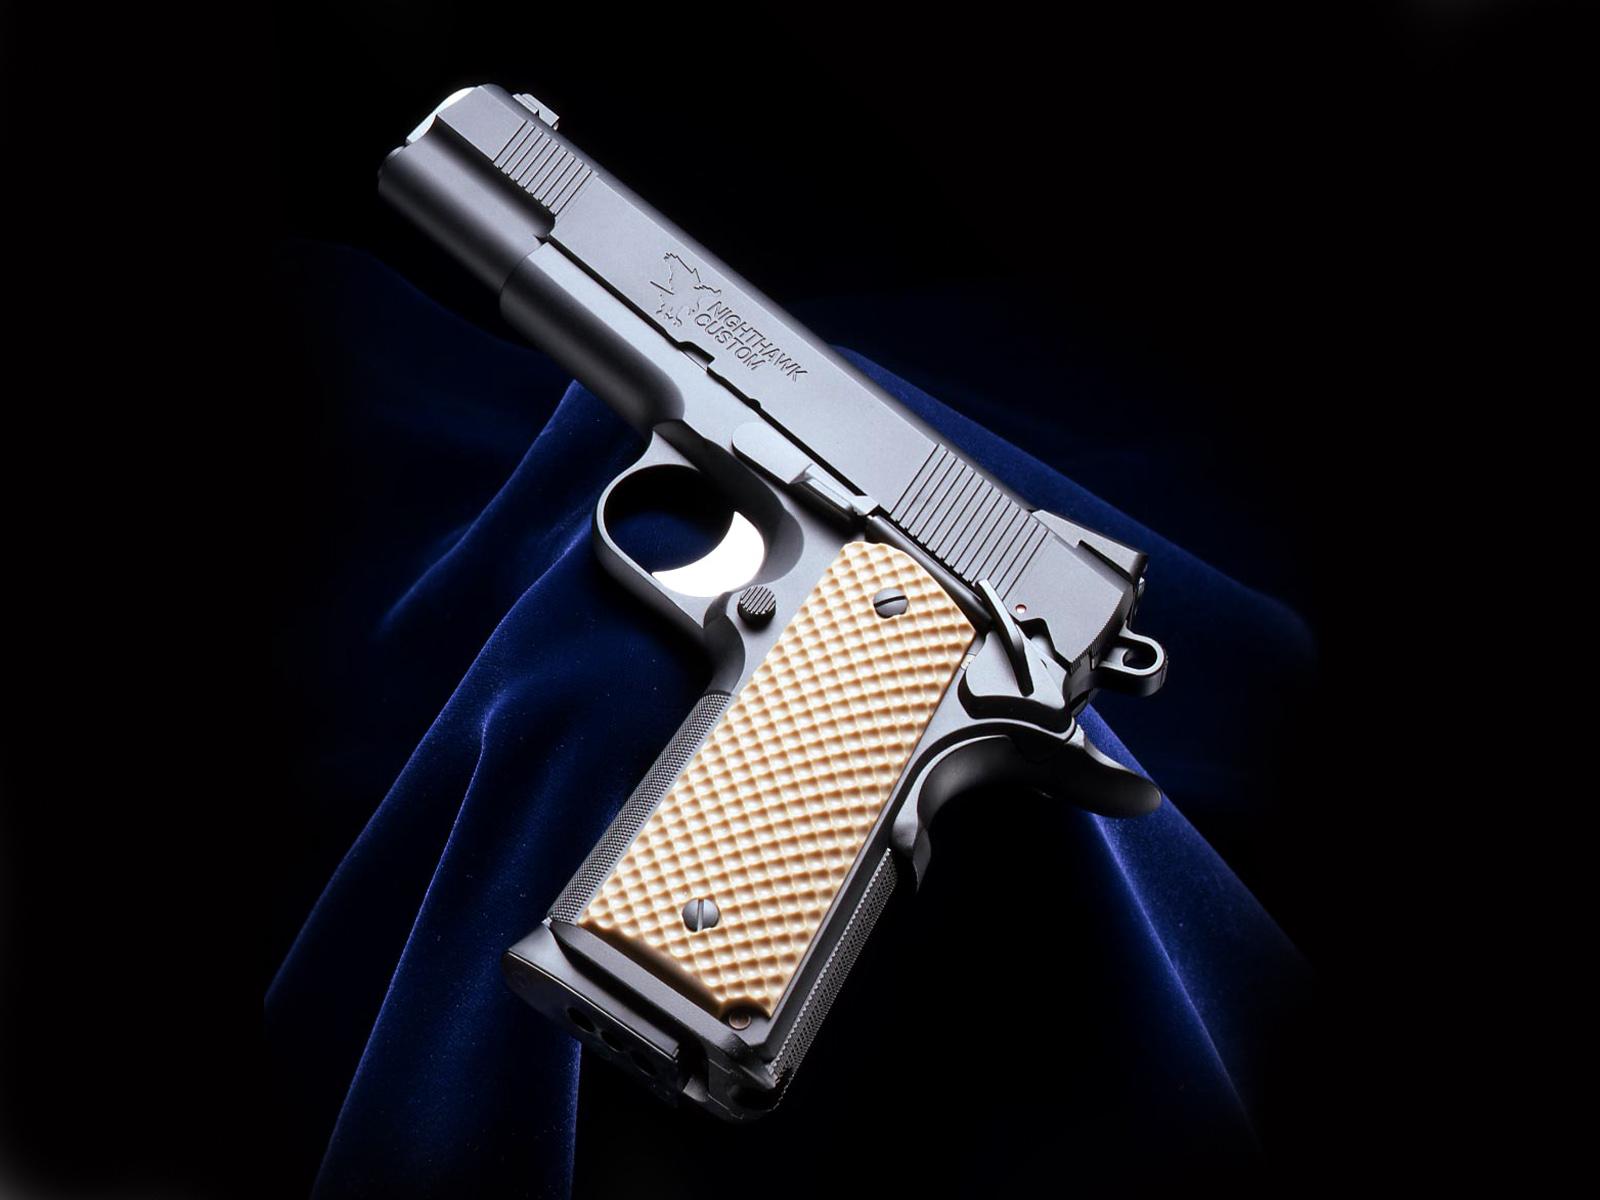 free download hq highthawk guns wallpaper num 10 1600 x 1200 356 1